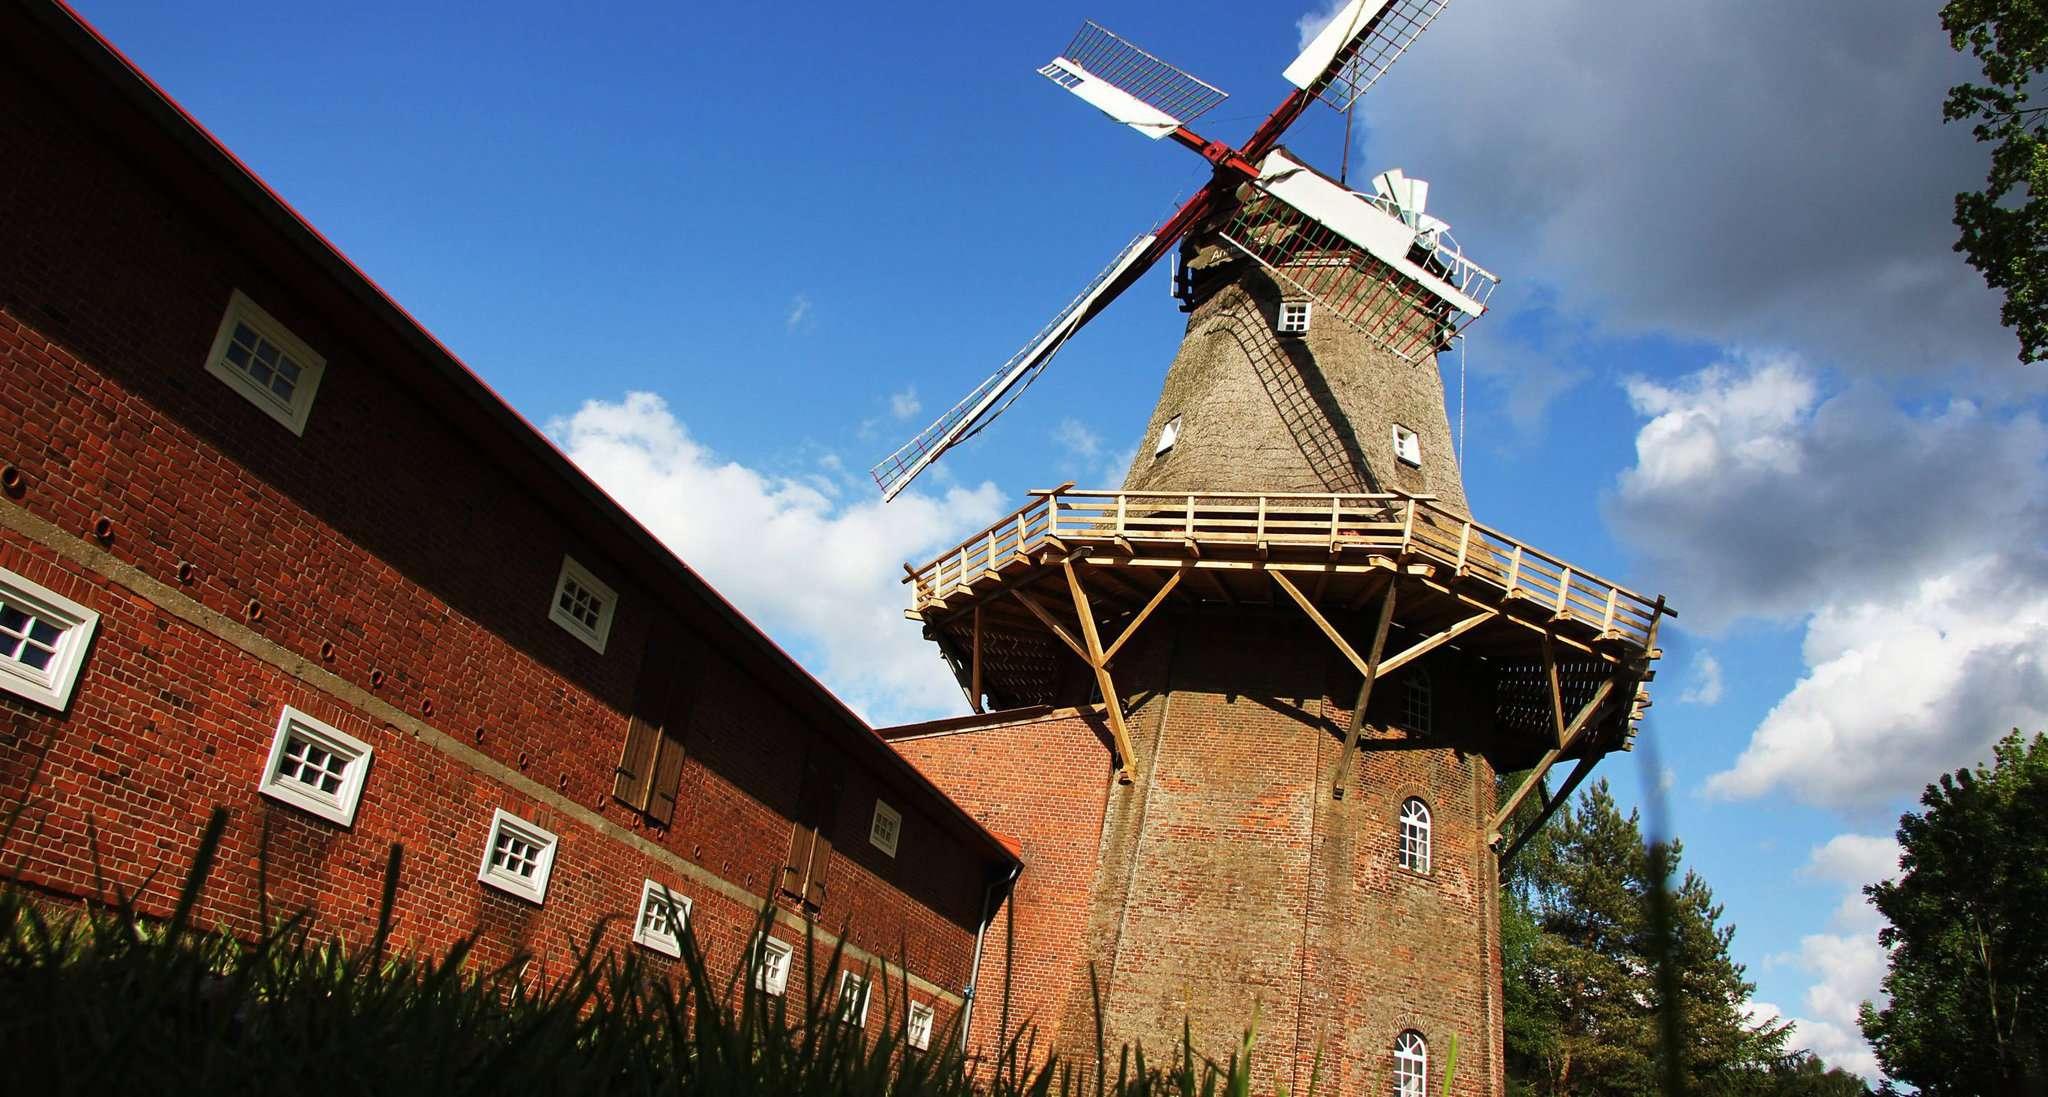 Die Brockeler Mühle steht am Pfingstmontag allen Besuchern offen. Archivfoto: Nina Baucke